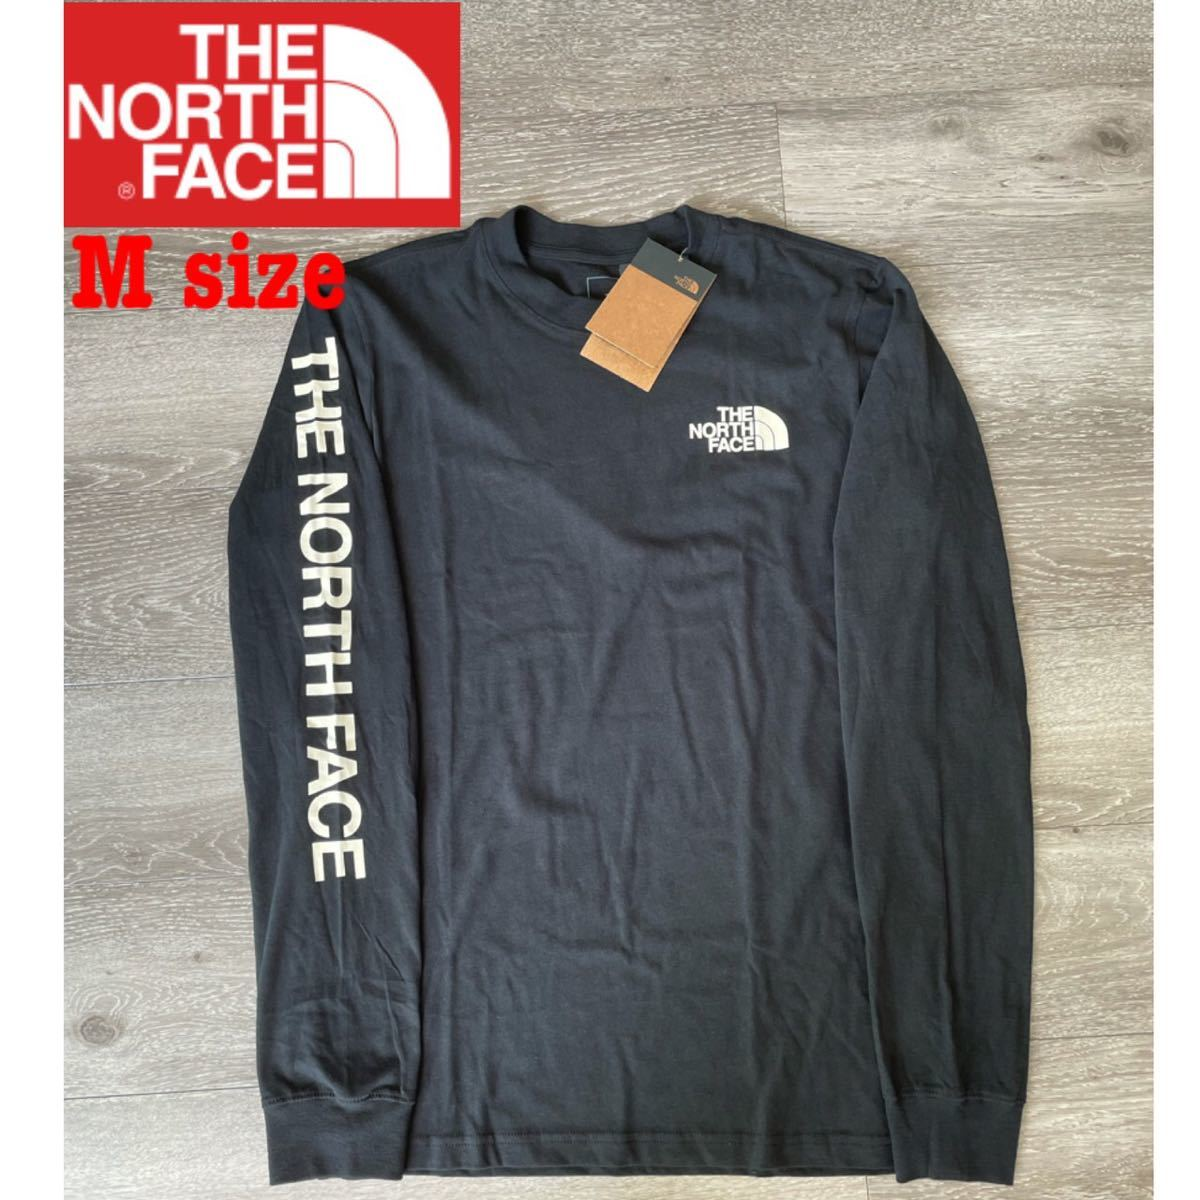 ザ ノースフェイス ロンT sleeve hit 長袖Tシャツ 袖ロゴ M THE NORTH FACE ロングスリーブ 新品